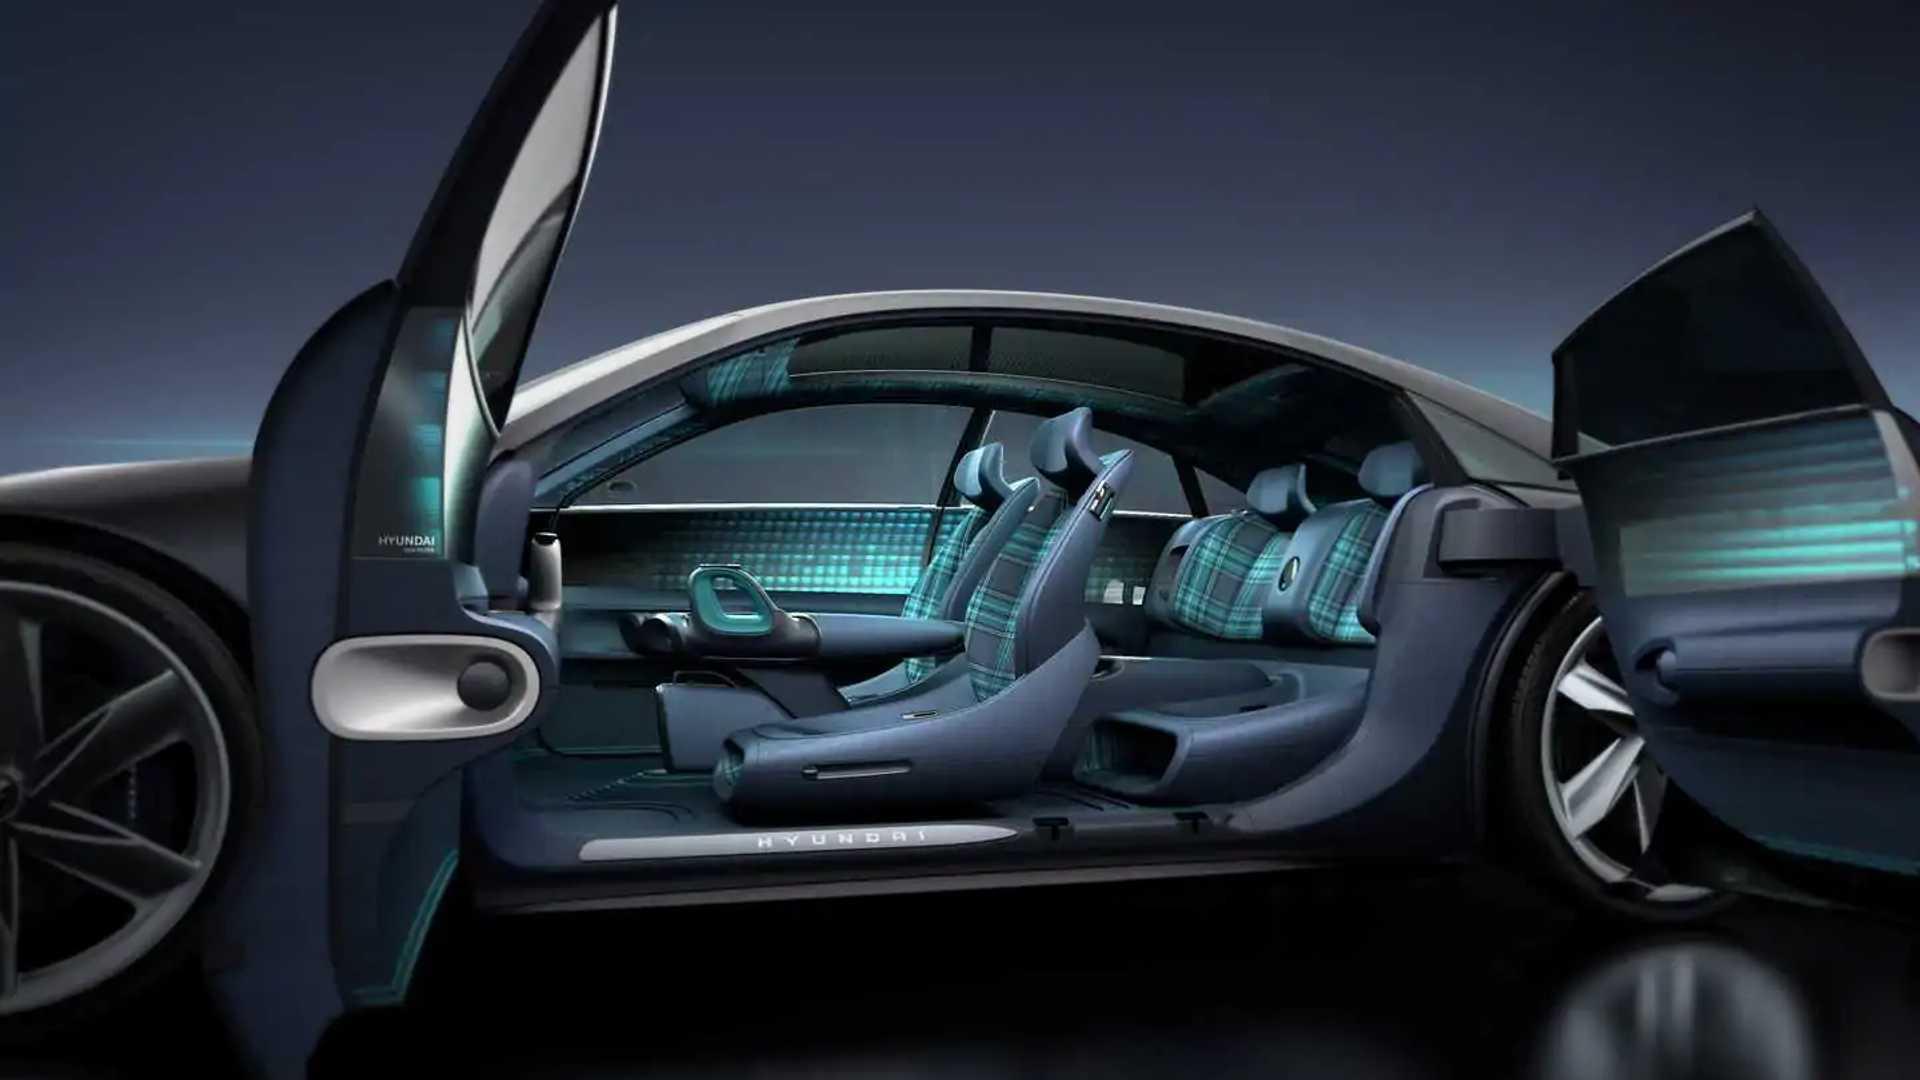 Hyundai Prophecy Adianta Design Dos Proximos Carros Da Marca